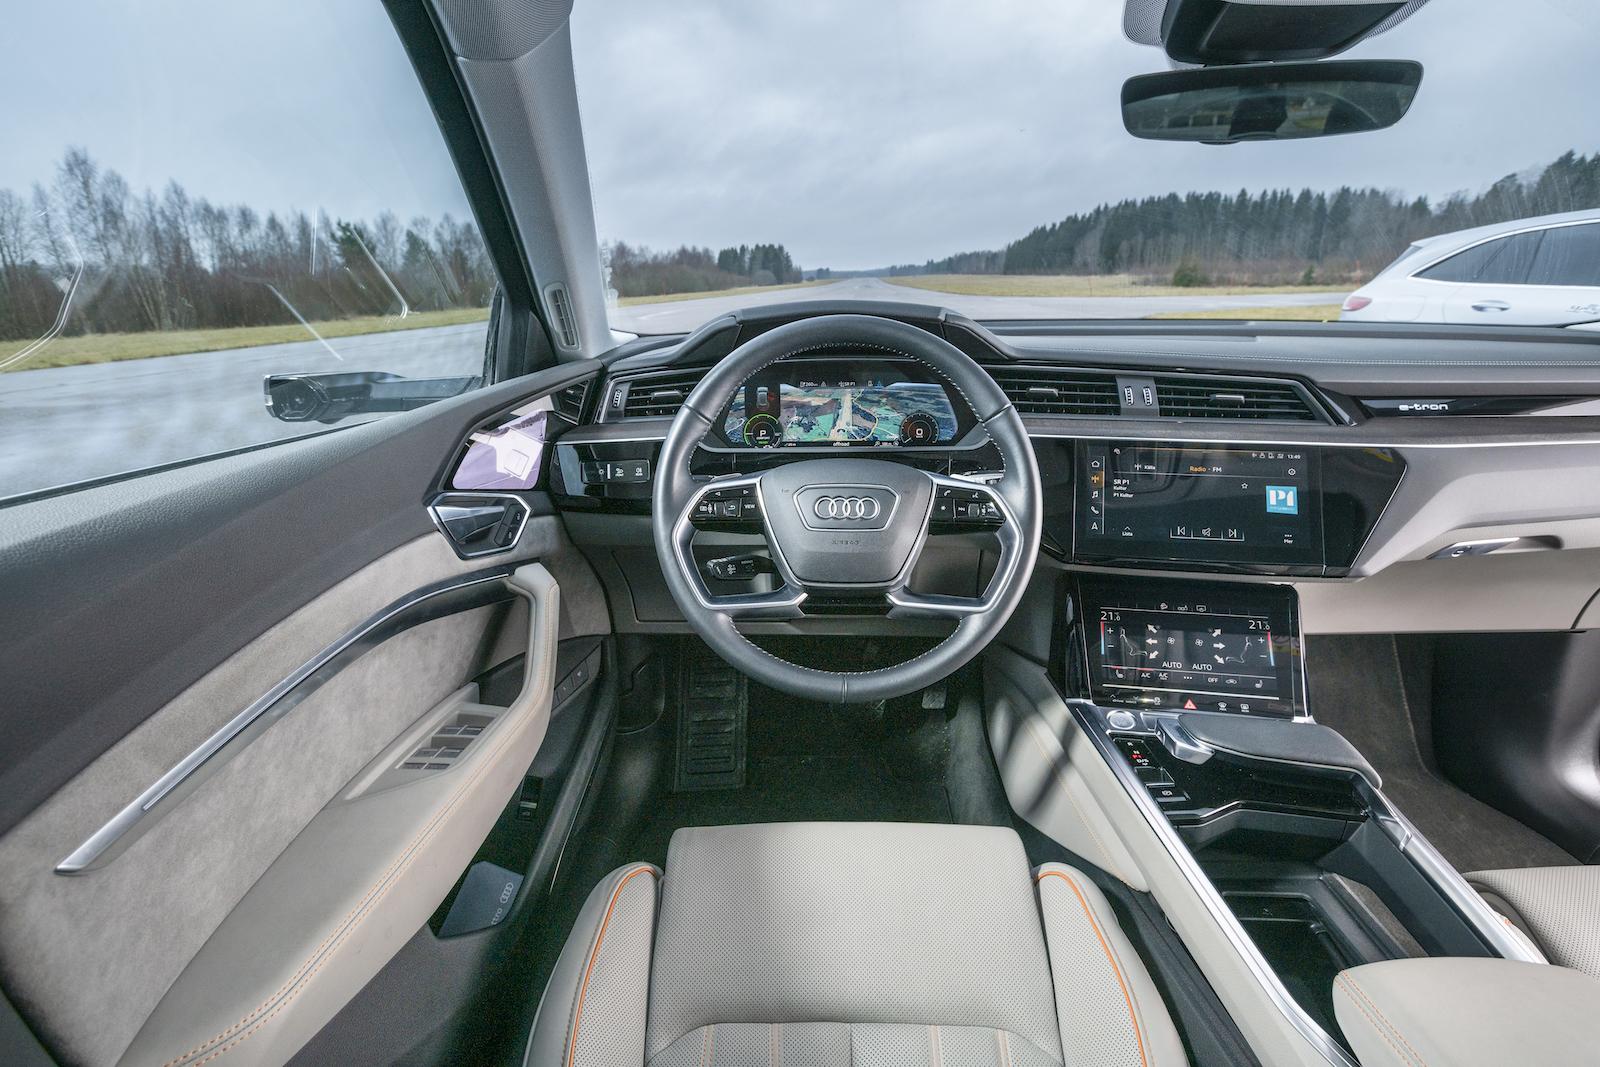 Audi: E-tron innebär inga större avsteg från Audis formspråk. Ergonomiskt vettigt och logiskt uppbyggt men kanske förväntar sig elbilskunder mer?